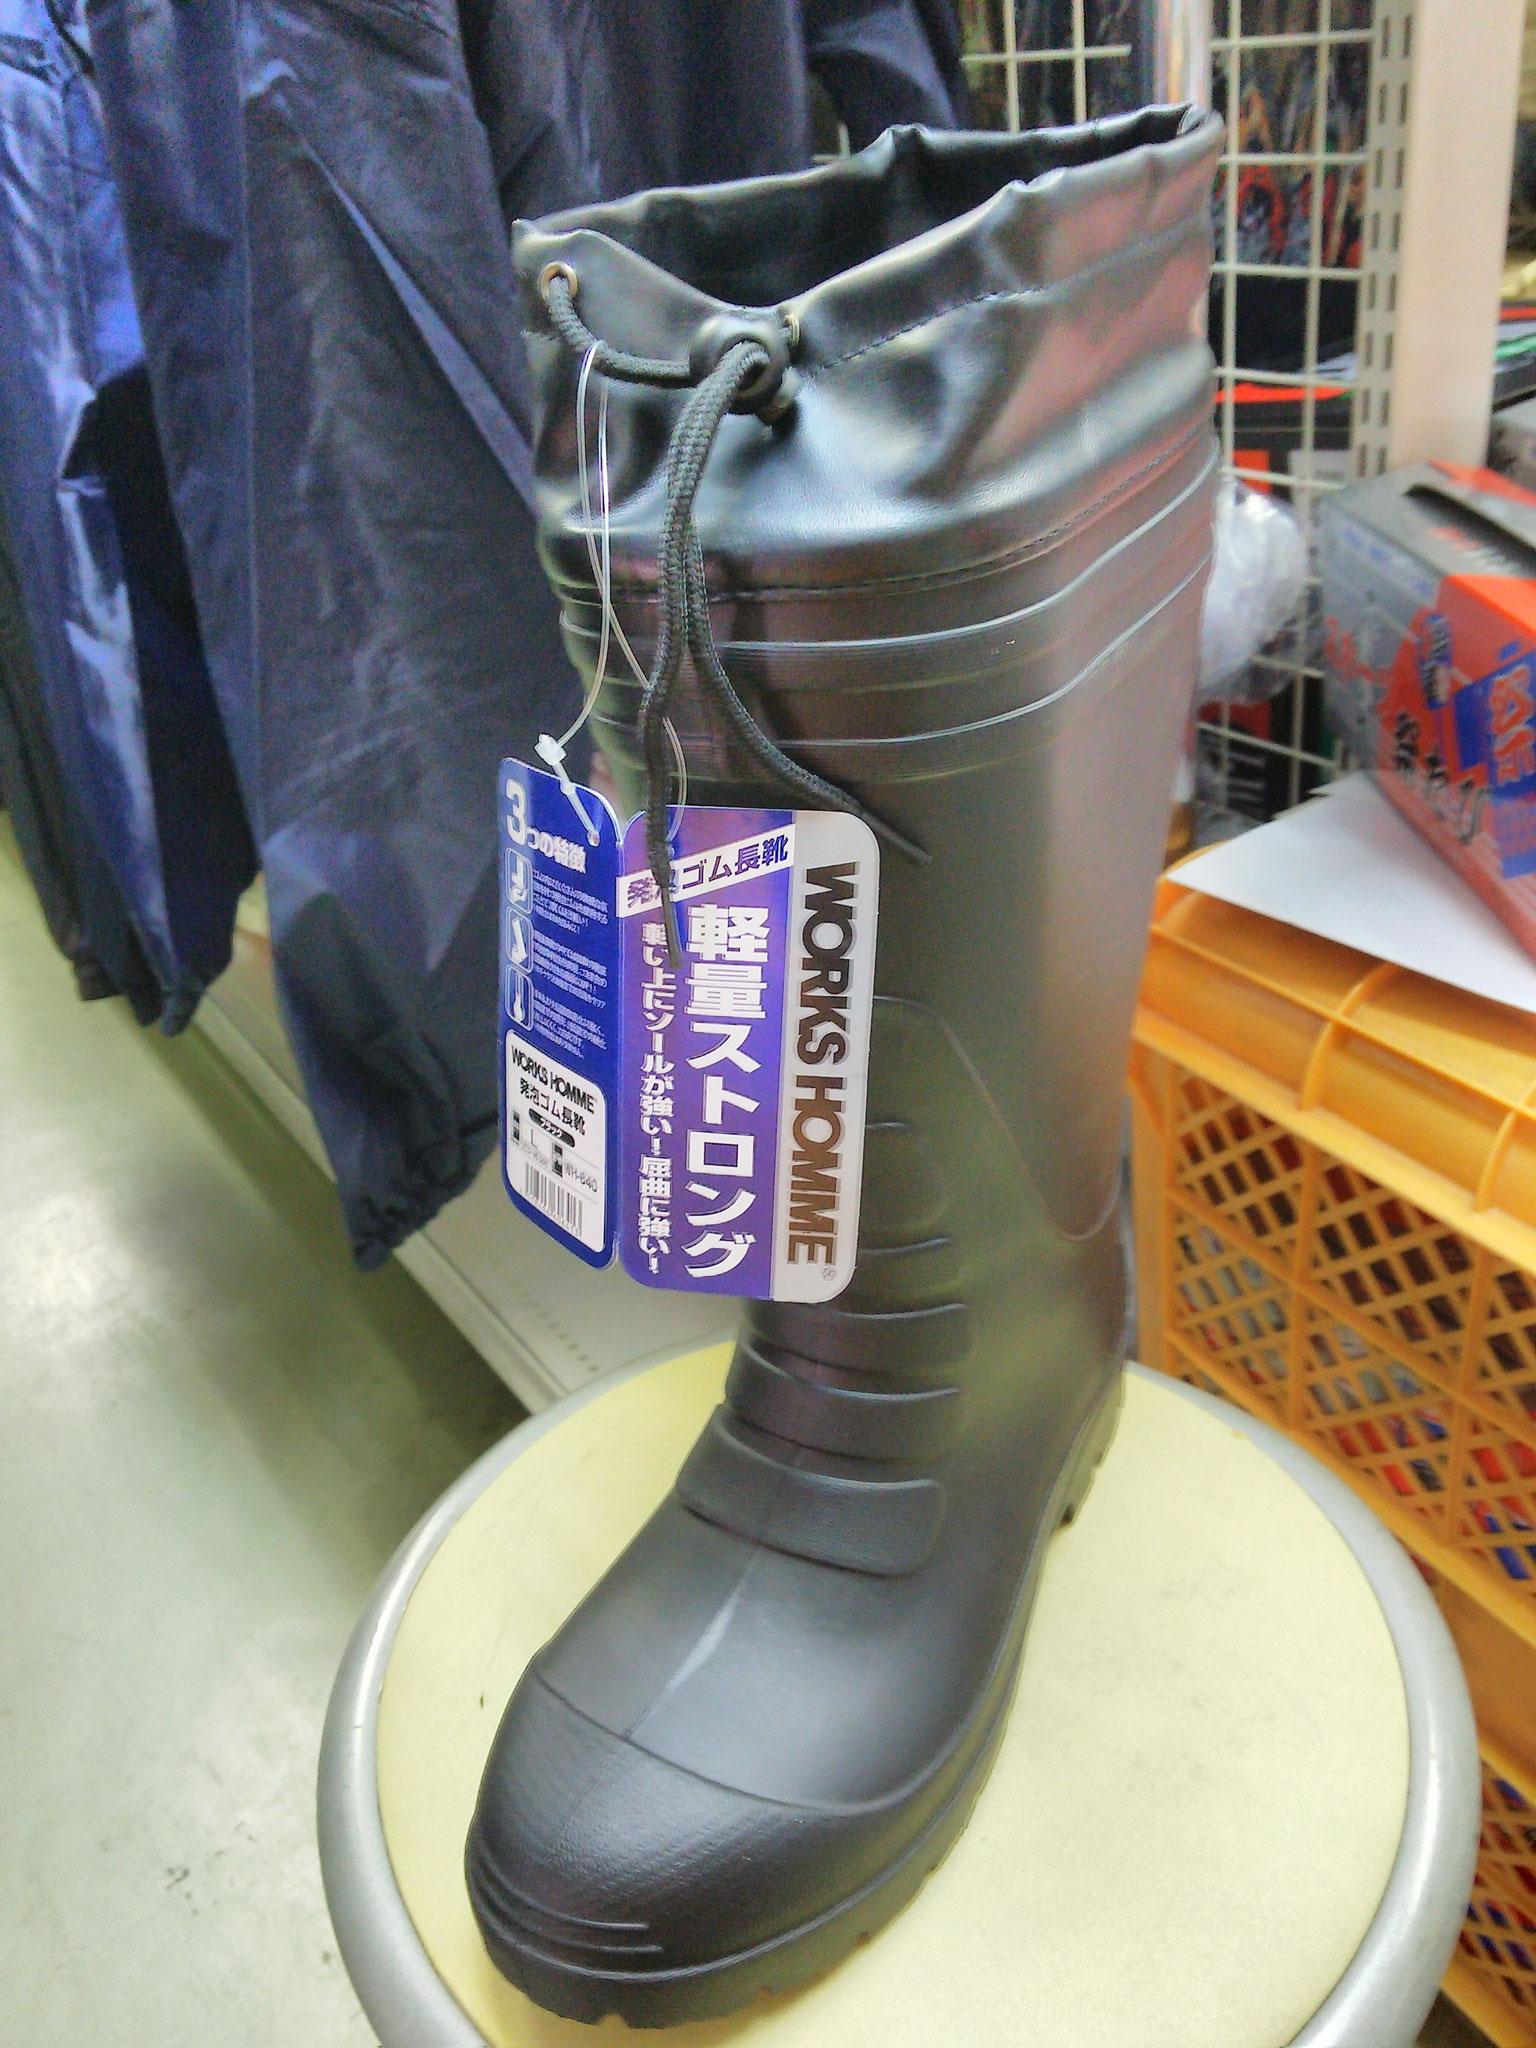 WH-640 発泡ゴム長ぐつ 軽いのに、ゴムの様な柔らかさと強さを合わせ持つ長ぐつ ¥2,310(税込)